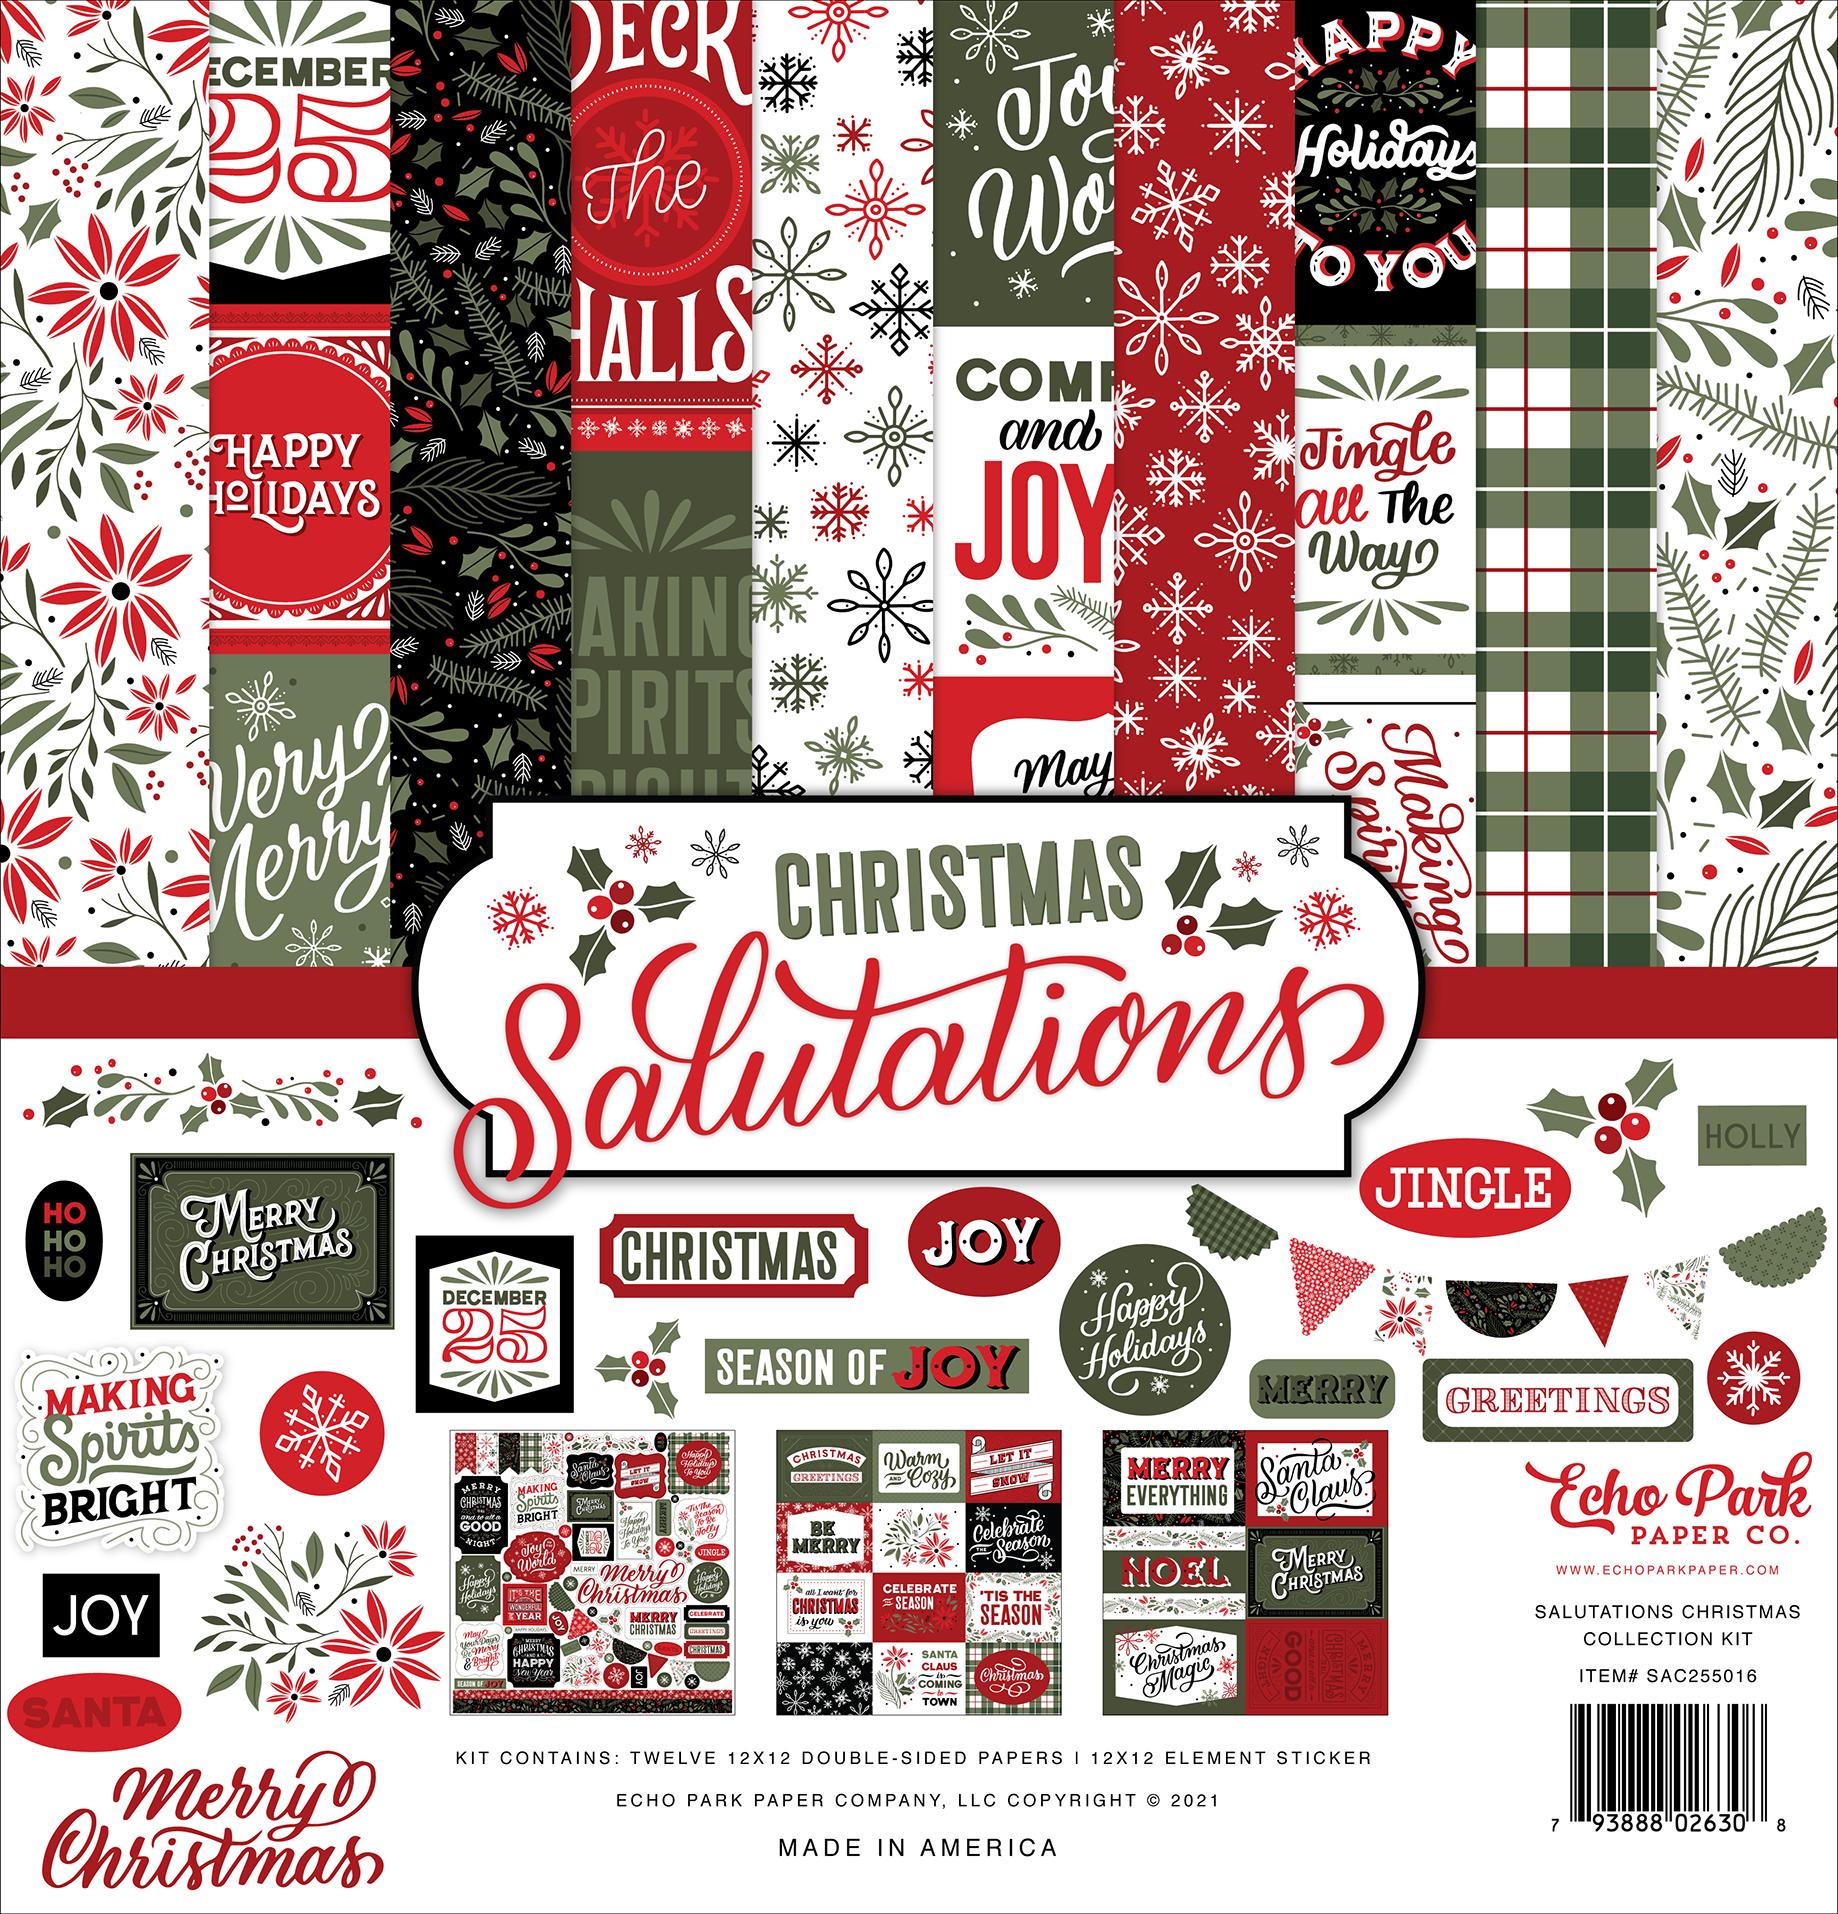 Salutations Christmas Collection Kit